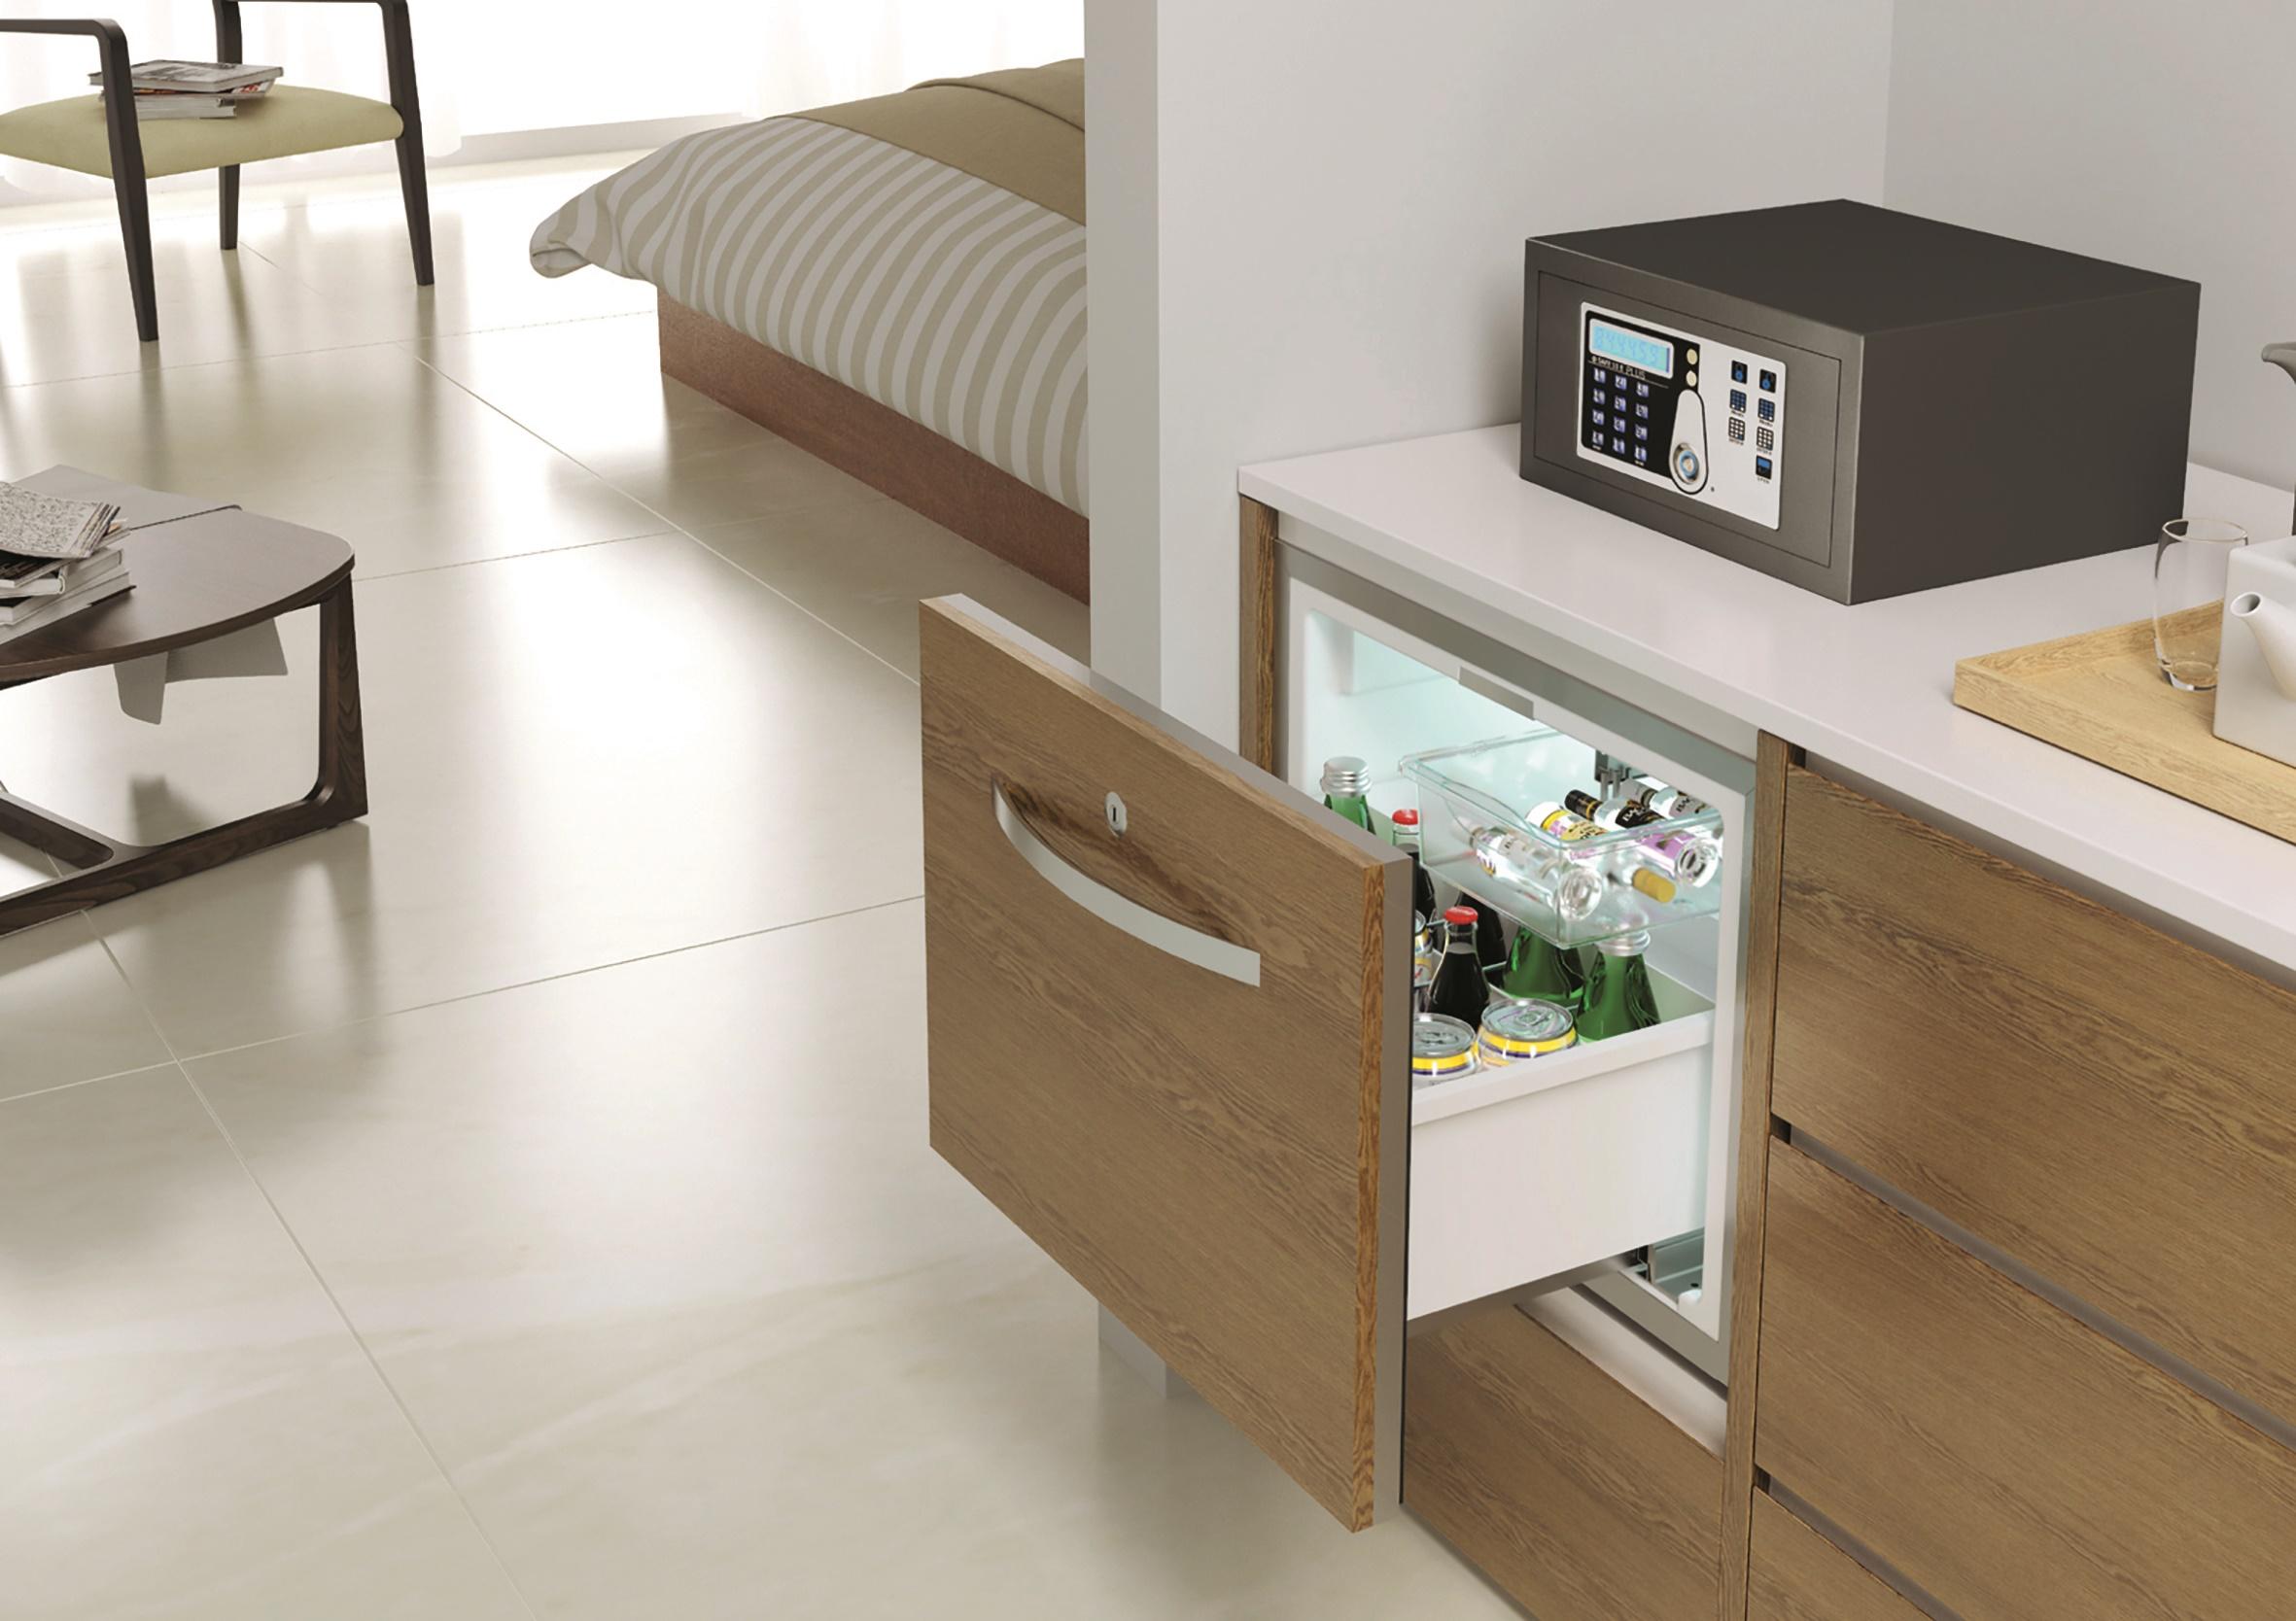 Kd50 drawer